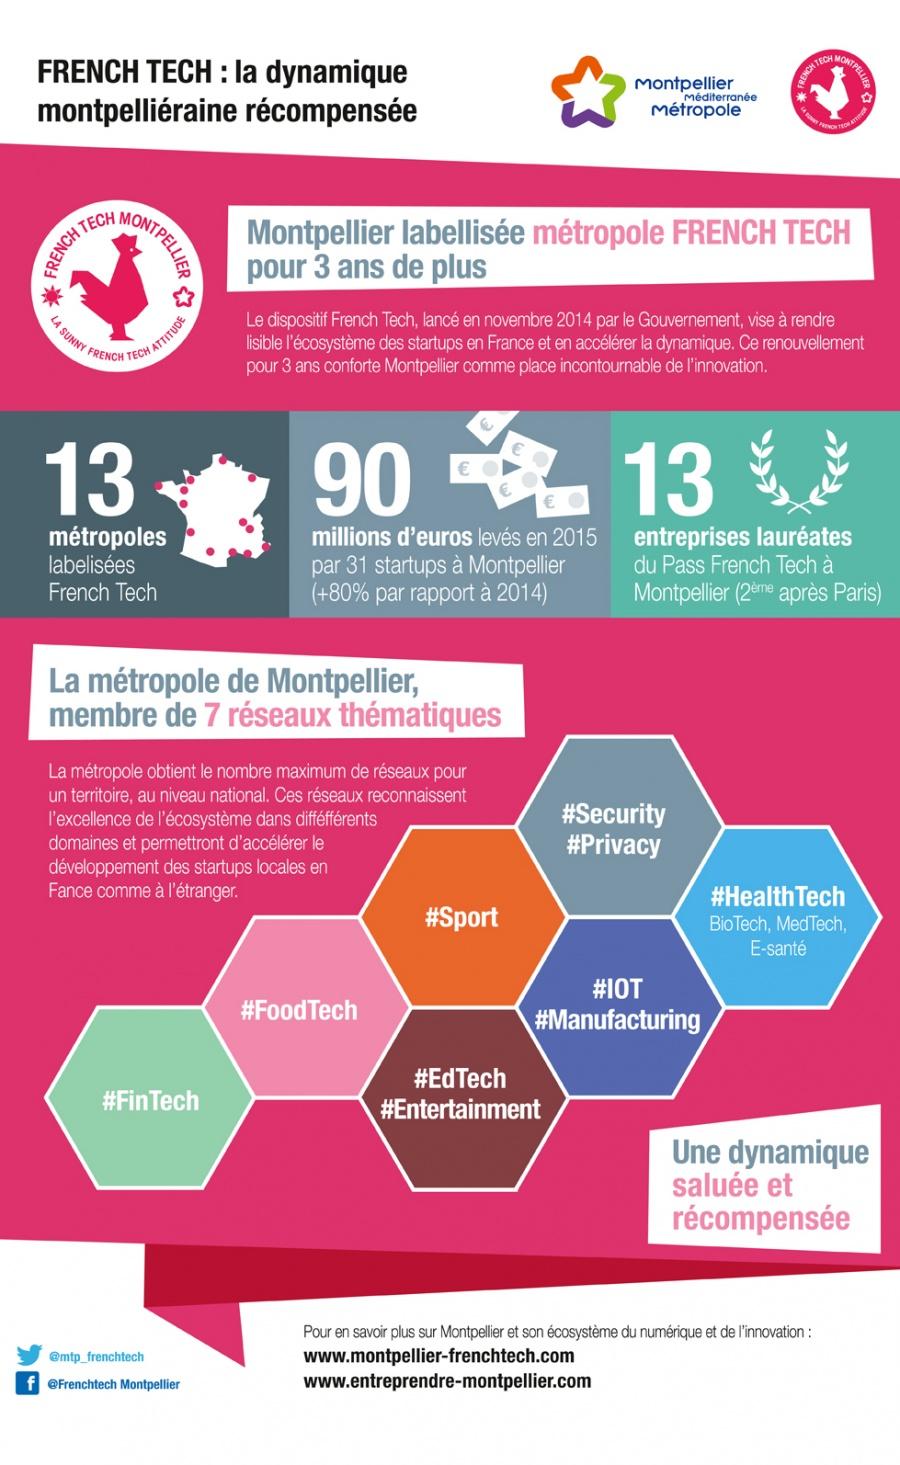 French Tech : la dynamique montpelliéraine récompensée